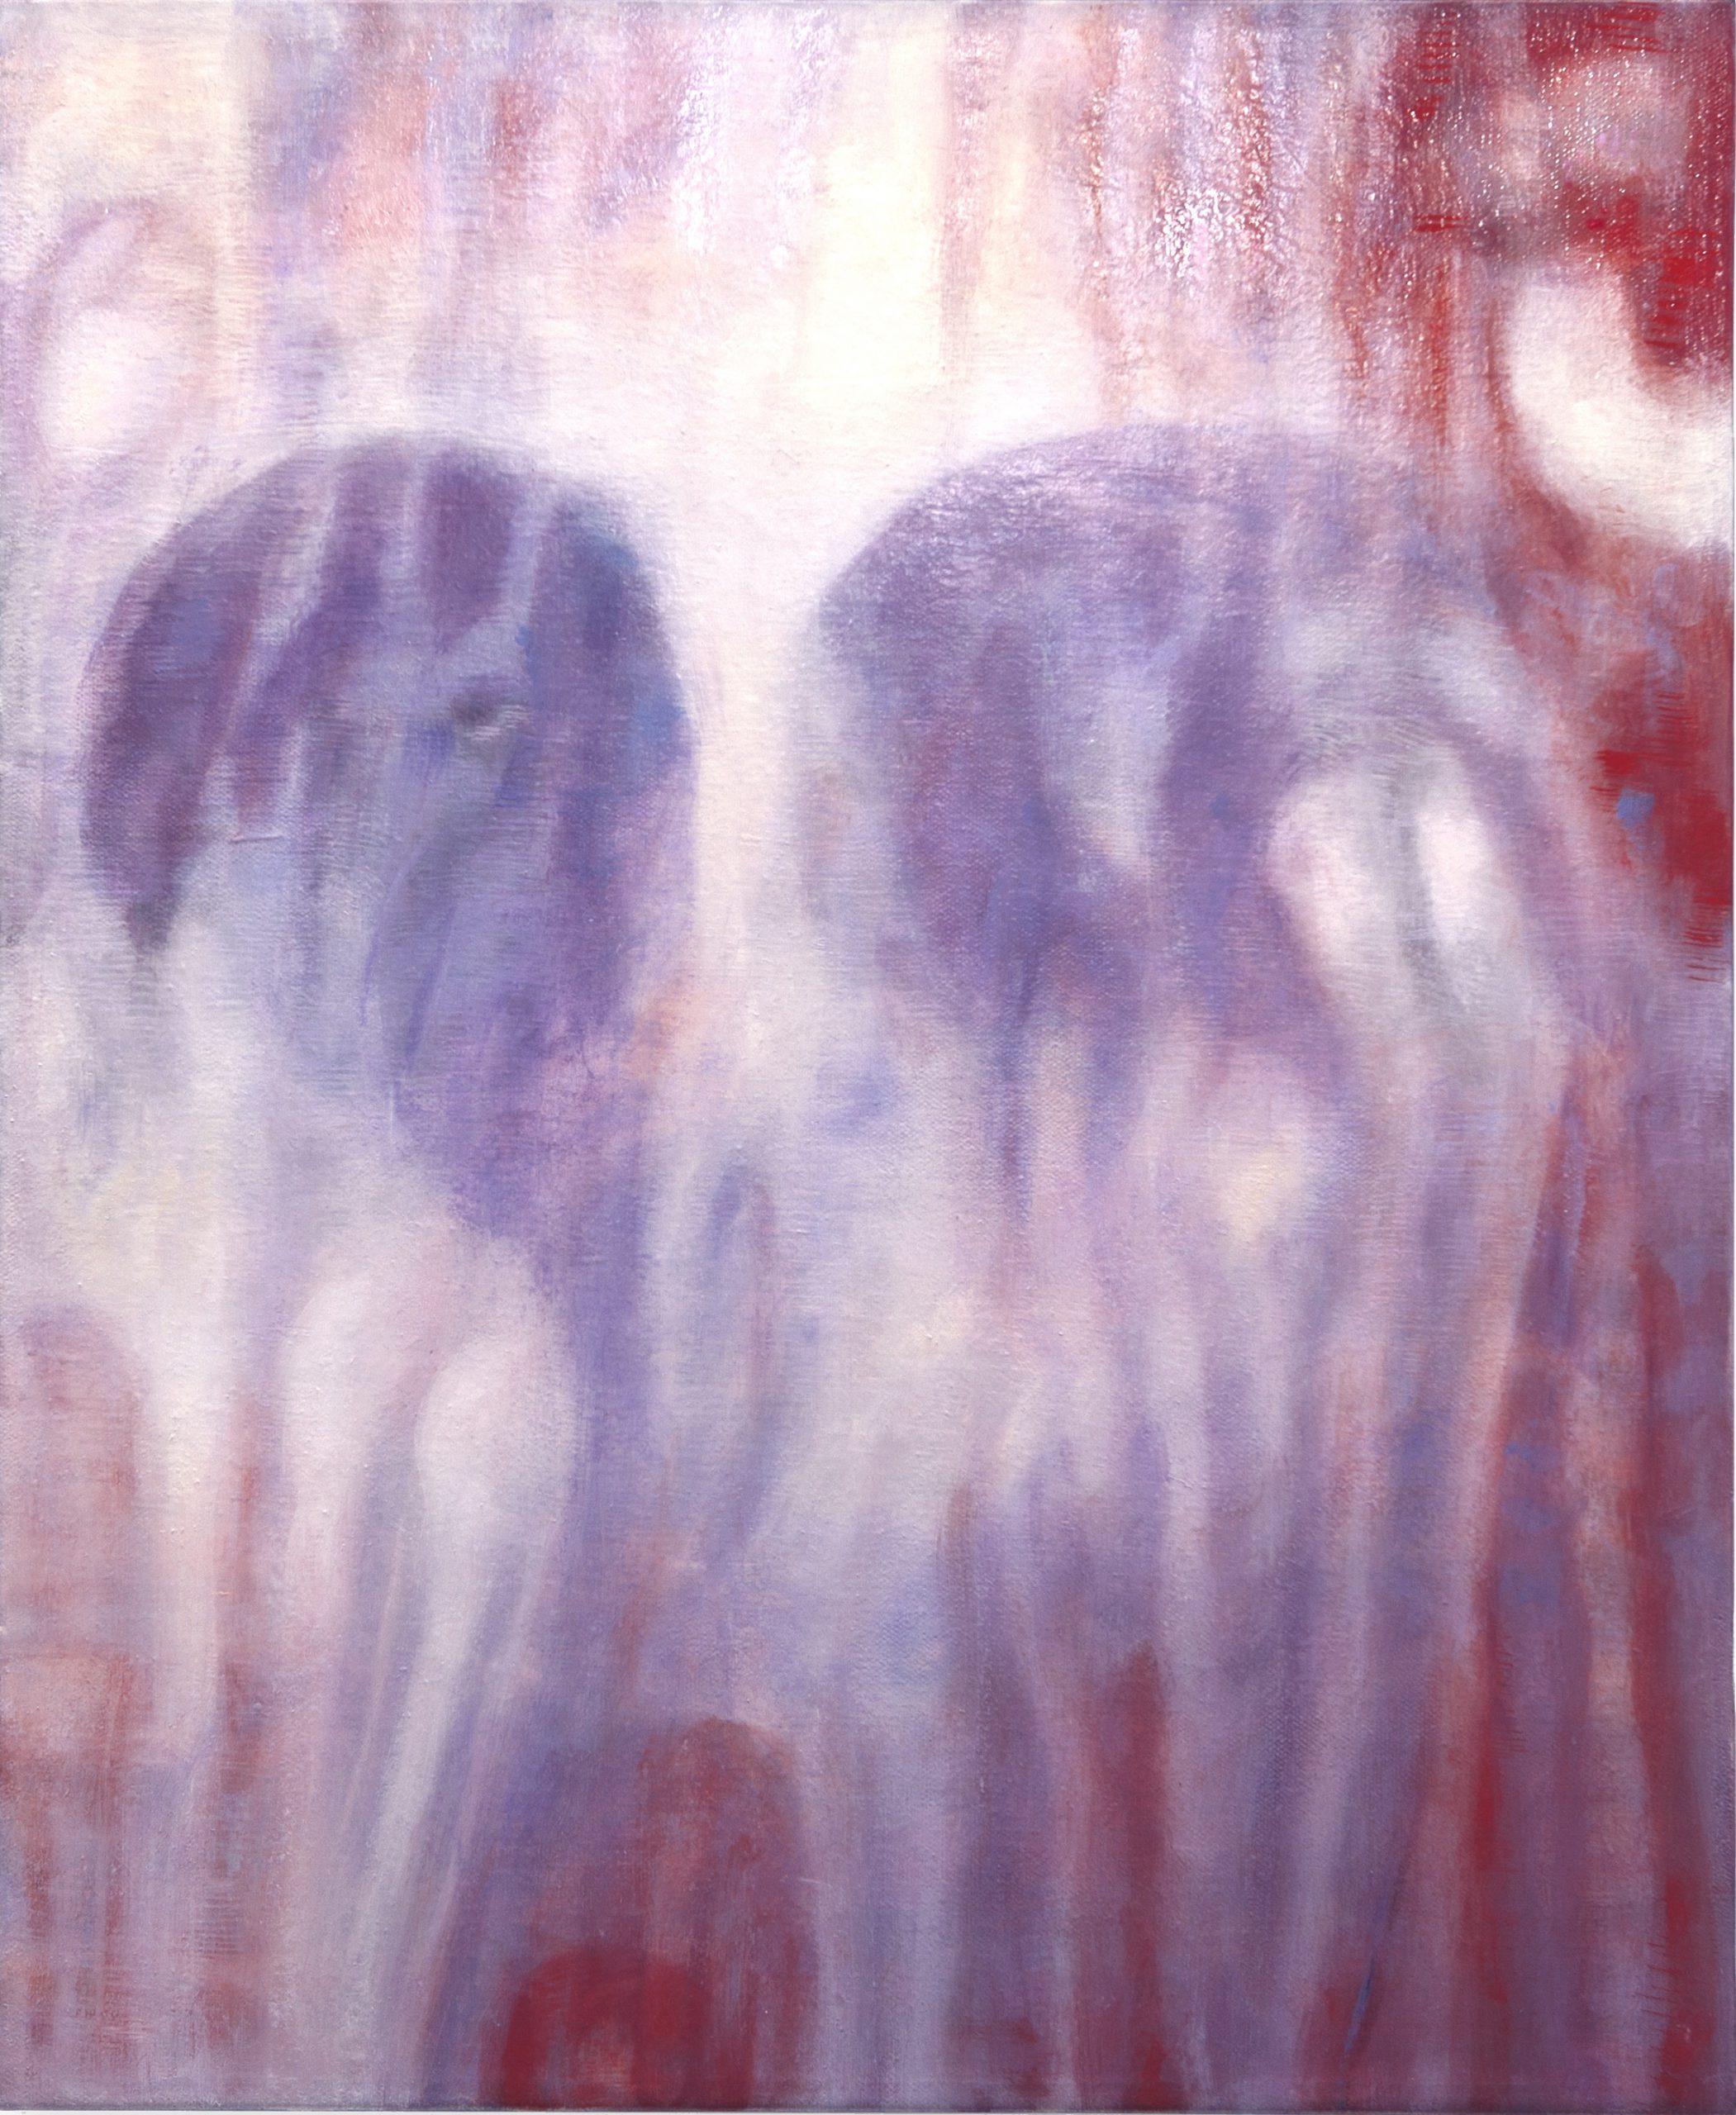 Bracha L. Ettinger, Eurydice n.52 - Pietà, 2012-2016, Oil on canvas, 50x41 cm